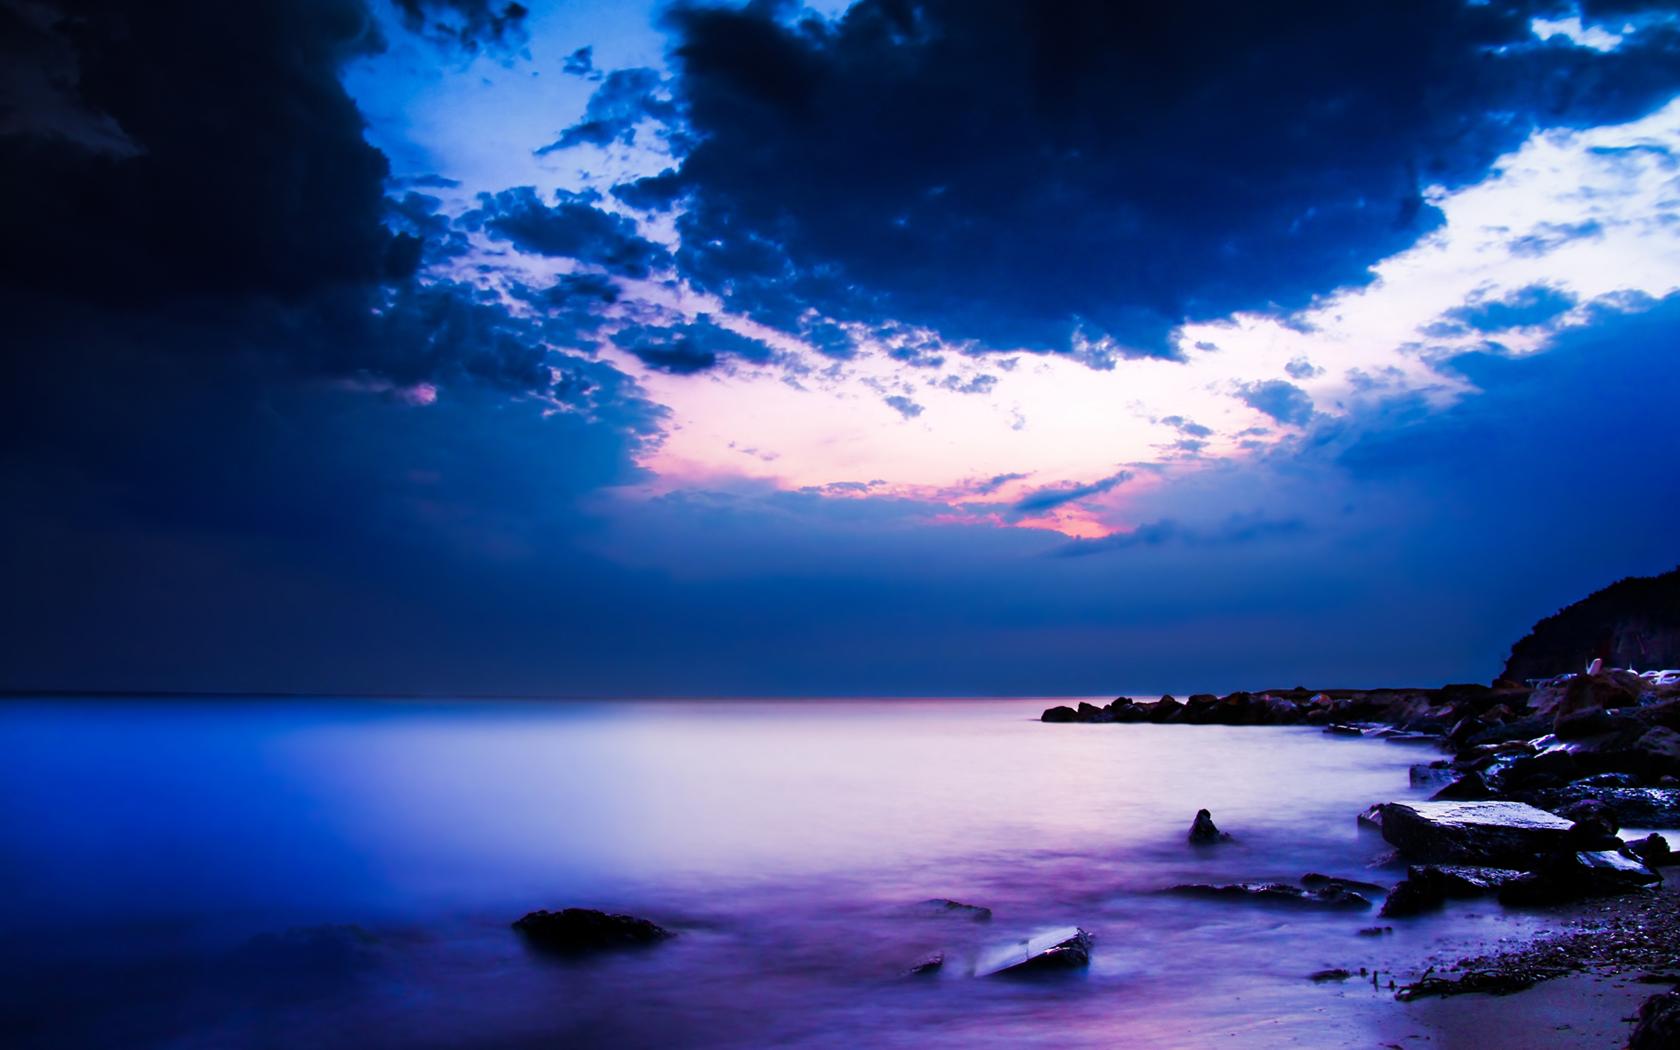 02183_oceancolours_1680x1050.jpg